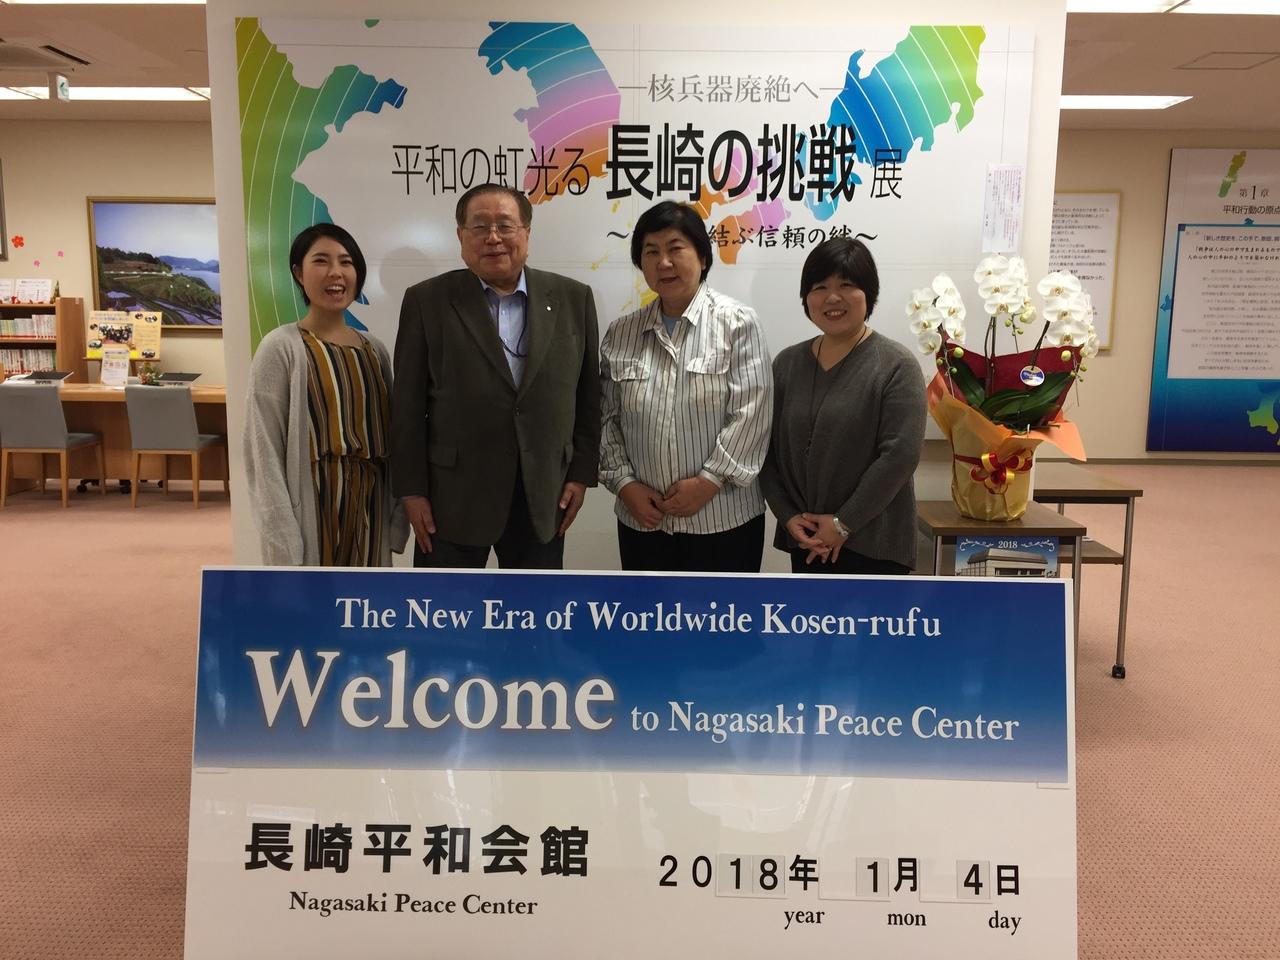 長崎創価学会 オセアニアのメンバー